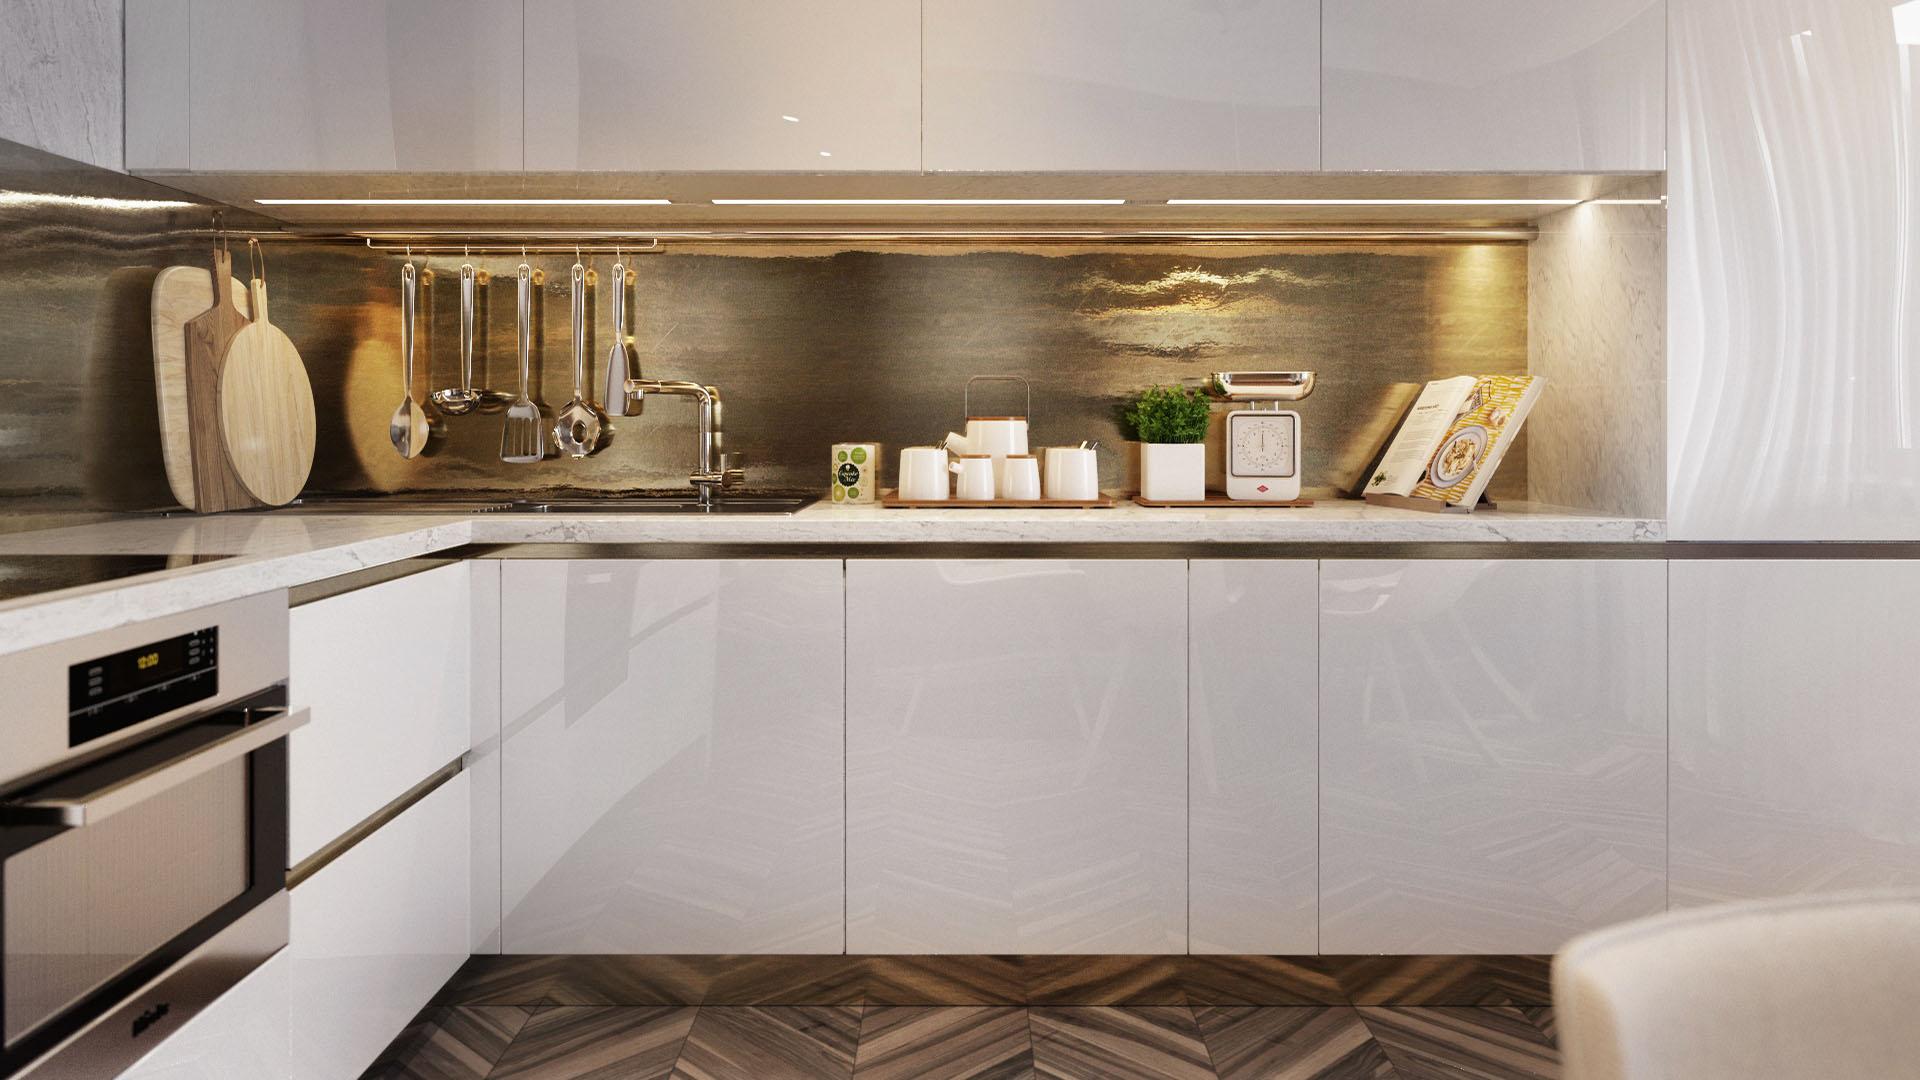 Arany és fehér konyha